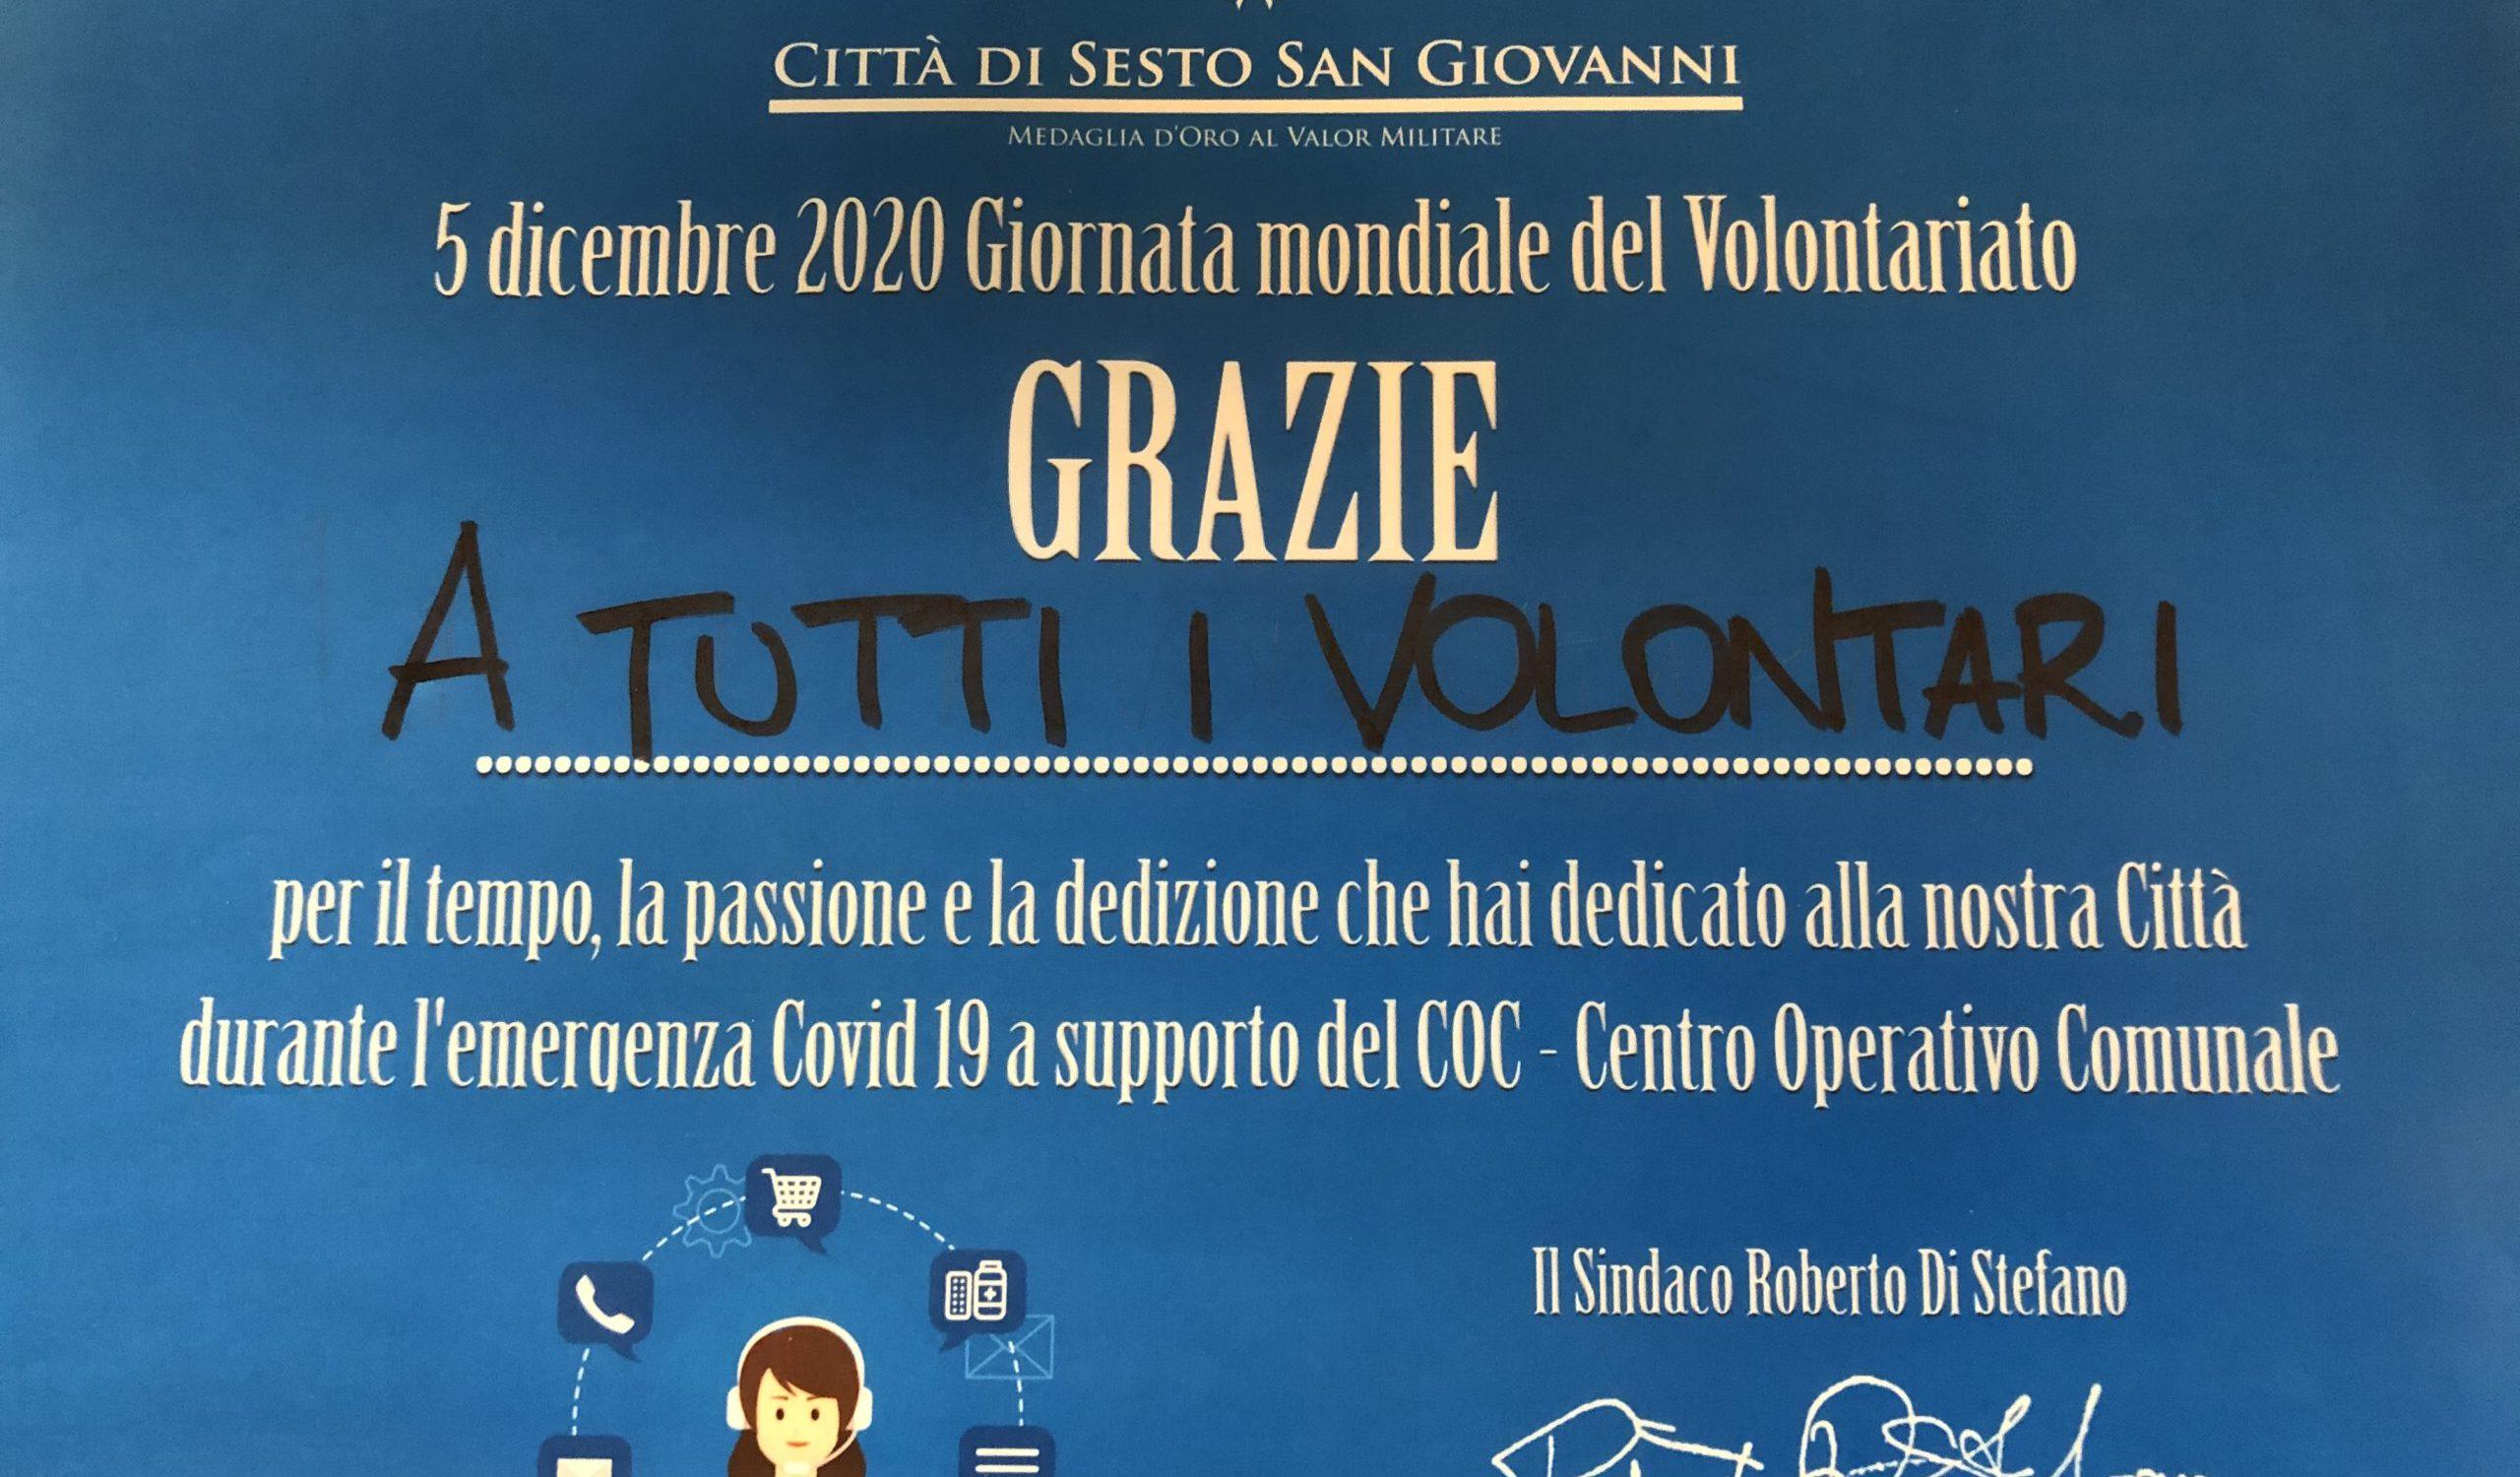 attestato volontari 2020